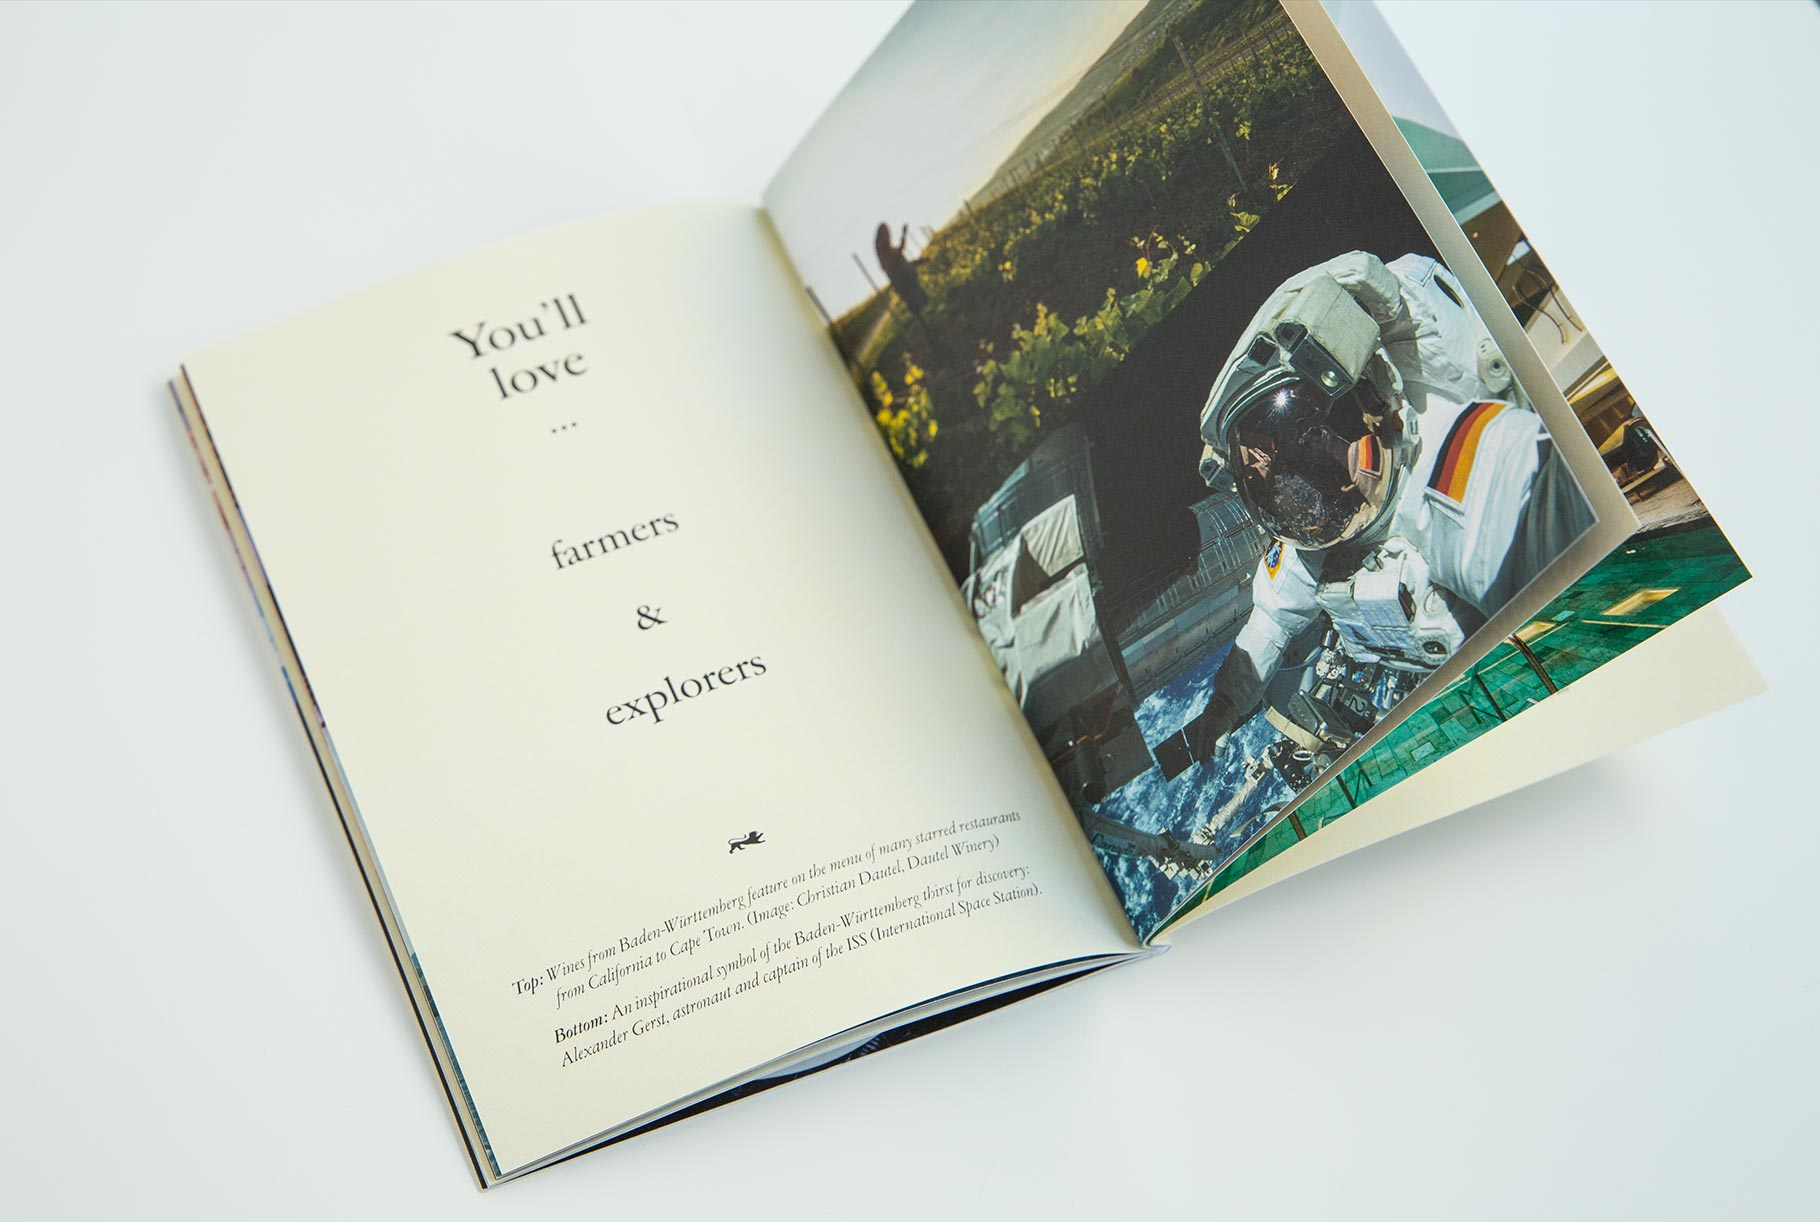 Aufgeschlagene Broschüre. Auf einer Seite ist die Headline 'You'll love ... farmers & explorers' zu lesen. Auf der anderen Seite sieht man das Bild eines Mannes von Dautel Winery auf einem Weinberg bei der Arbeit. Darunter das Bild vom Astronauten und ISS-Captain Alexander Gerst im Weltall.